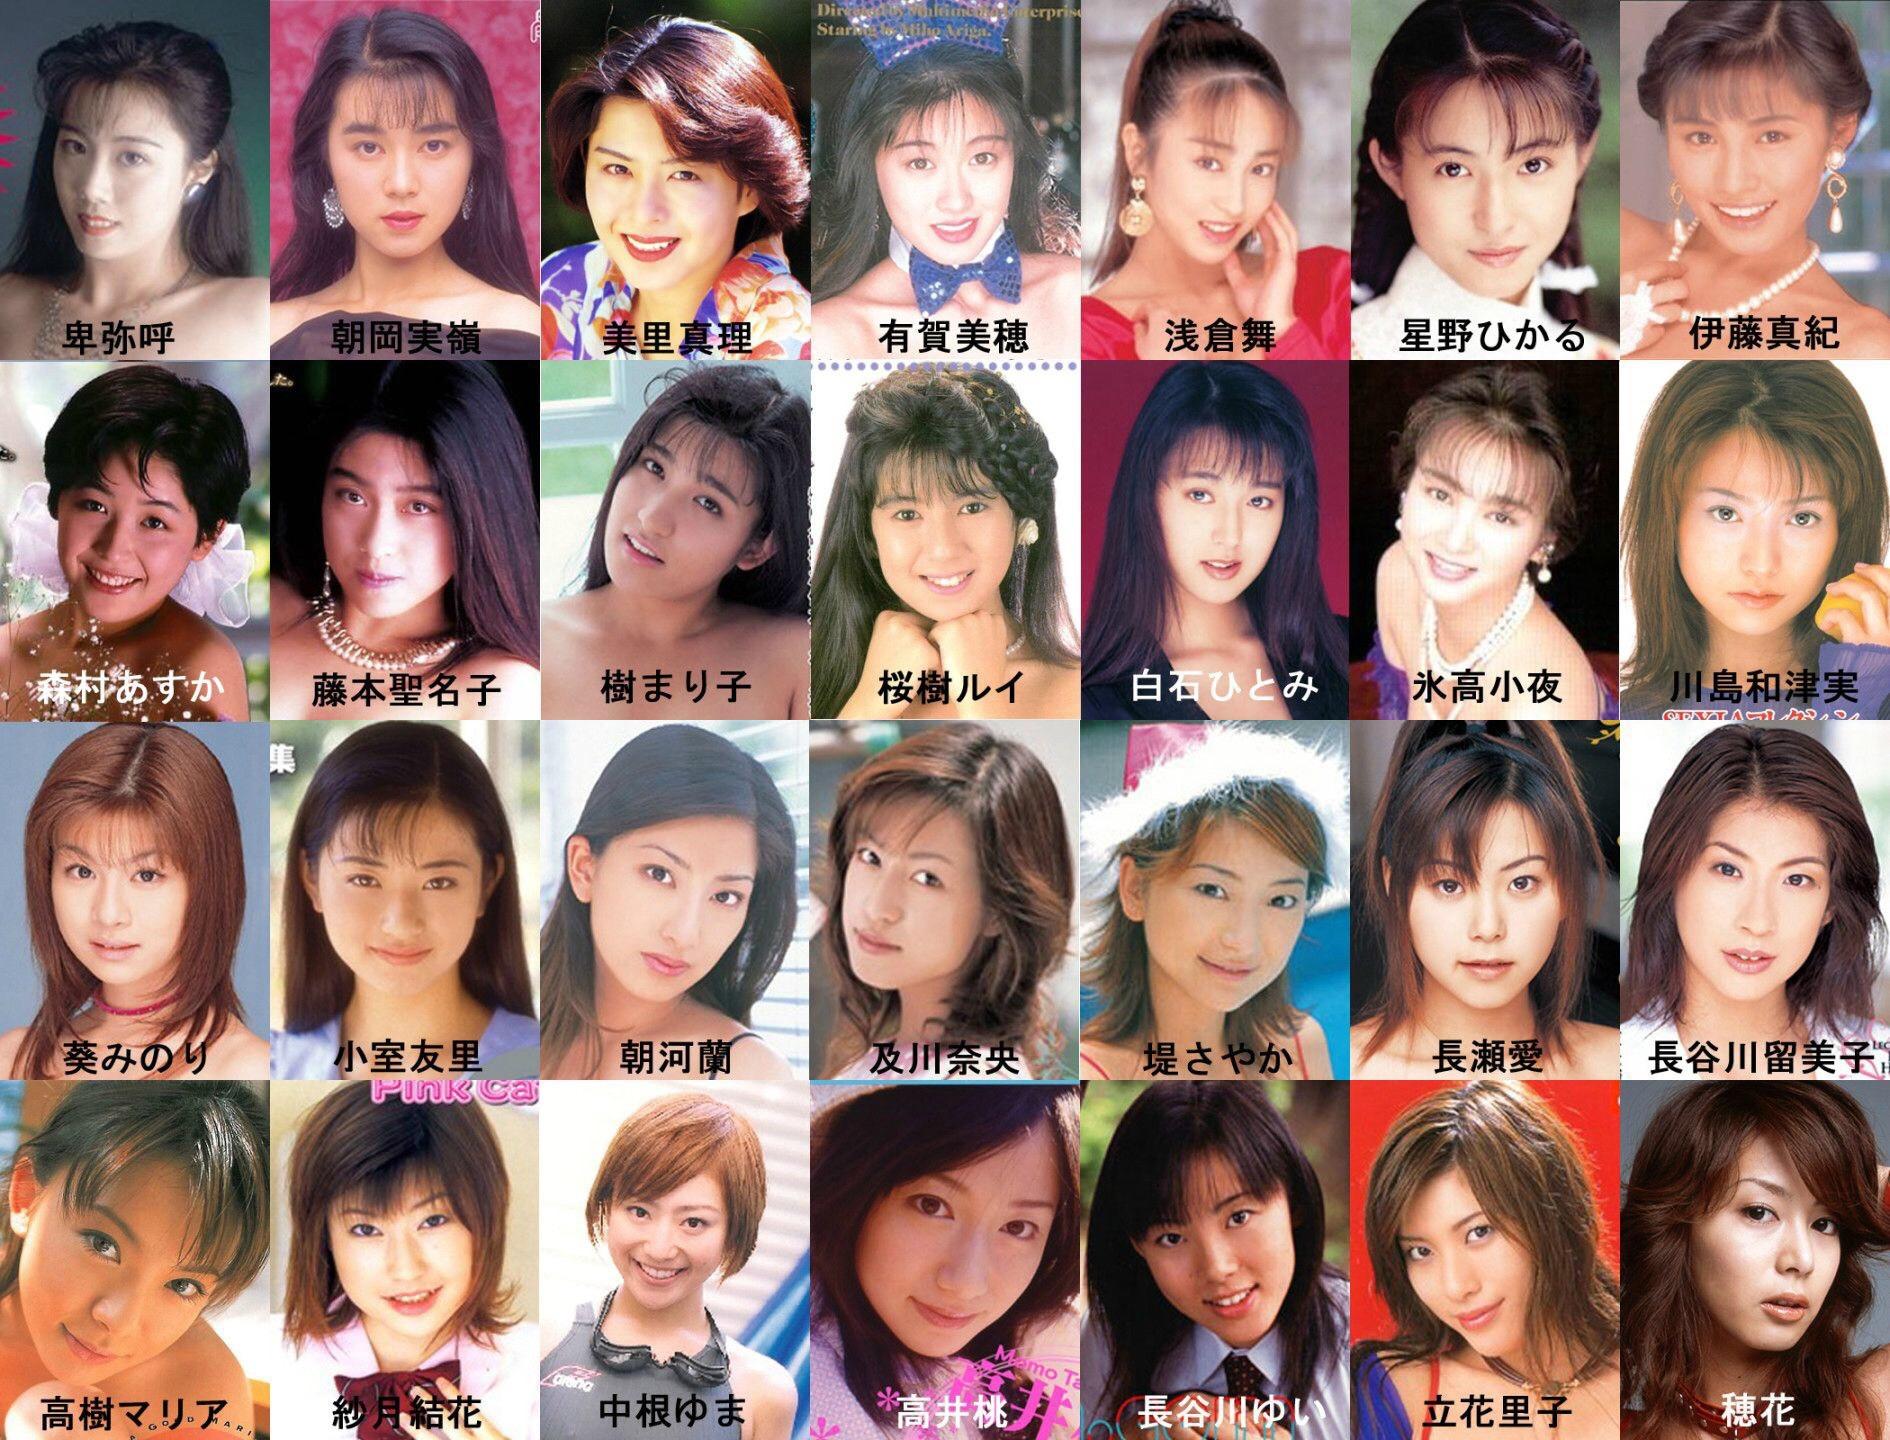 【画像】おっさんJ民って昔はこんなAV女優達で抜いてたってマジなん?